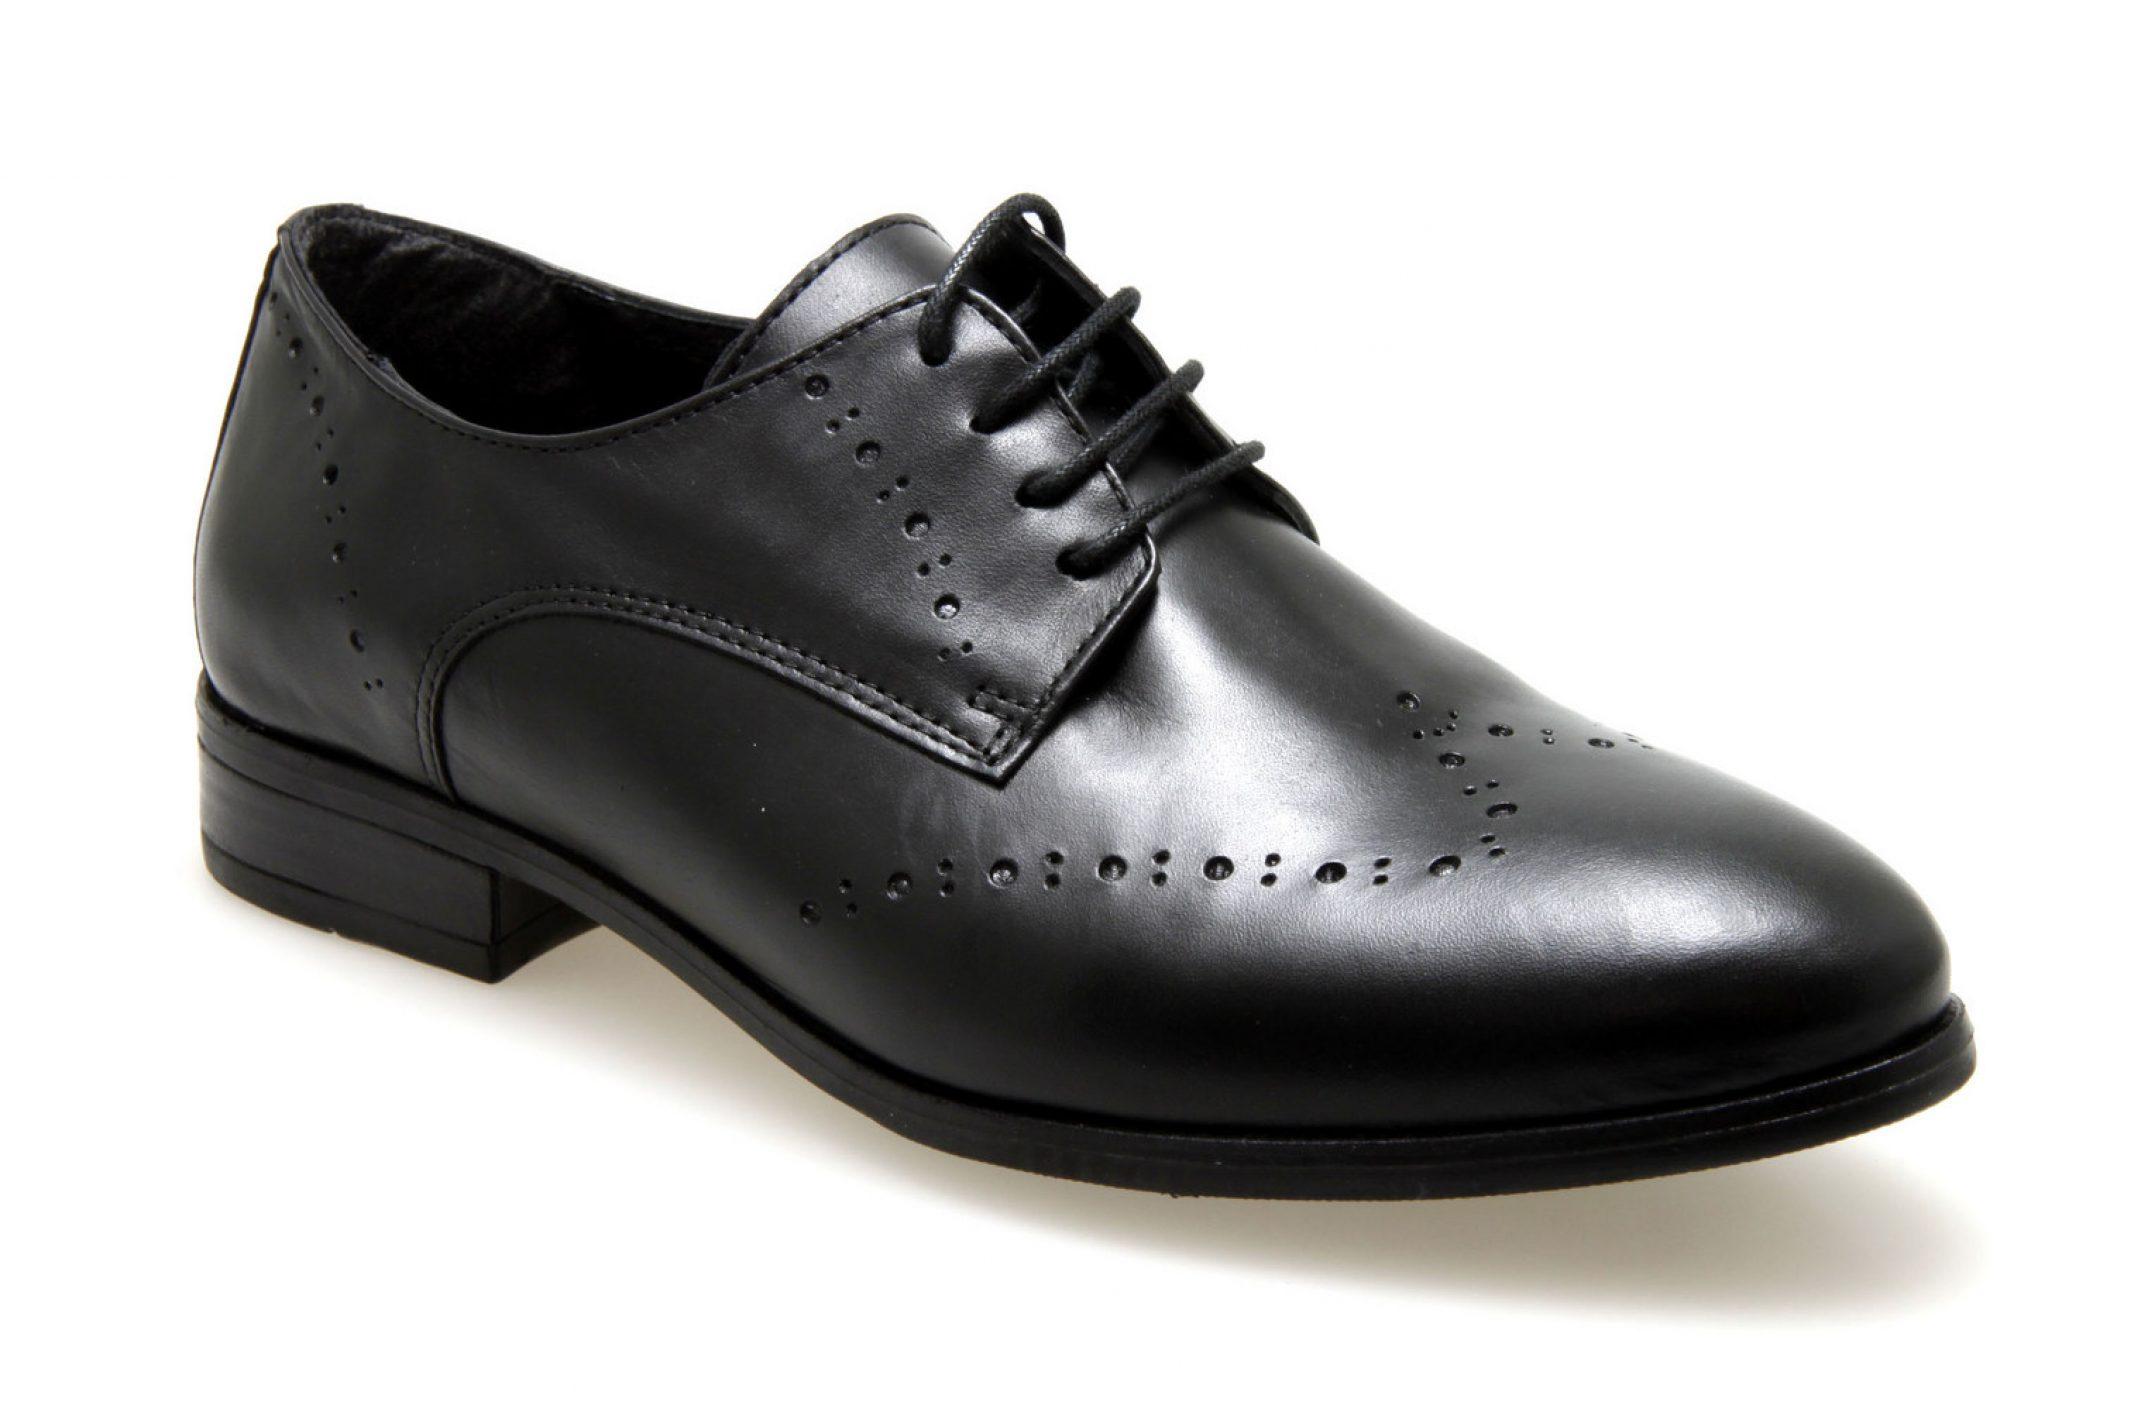 Derby chaussure, se sentir bien tout en étant plus chic qu'en baskets